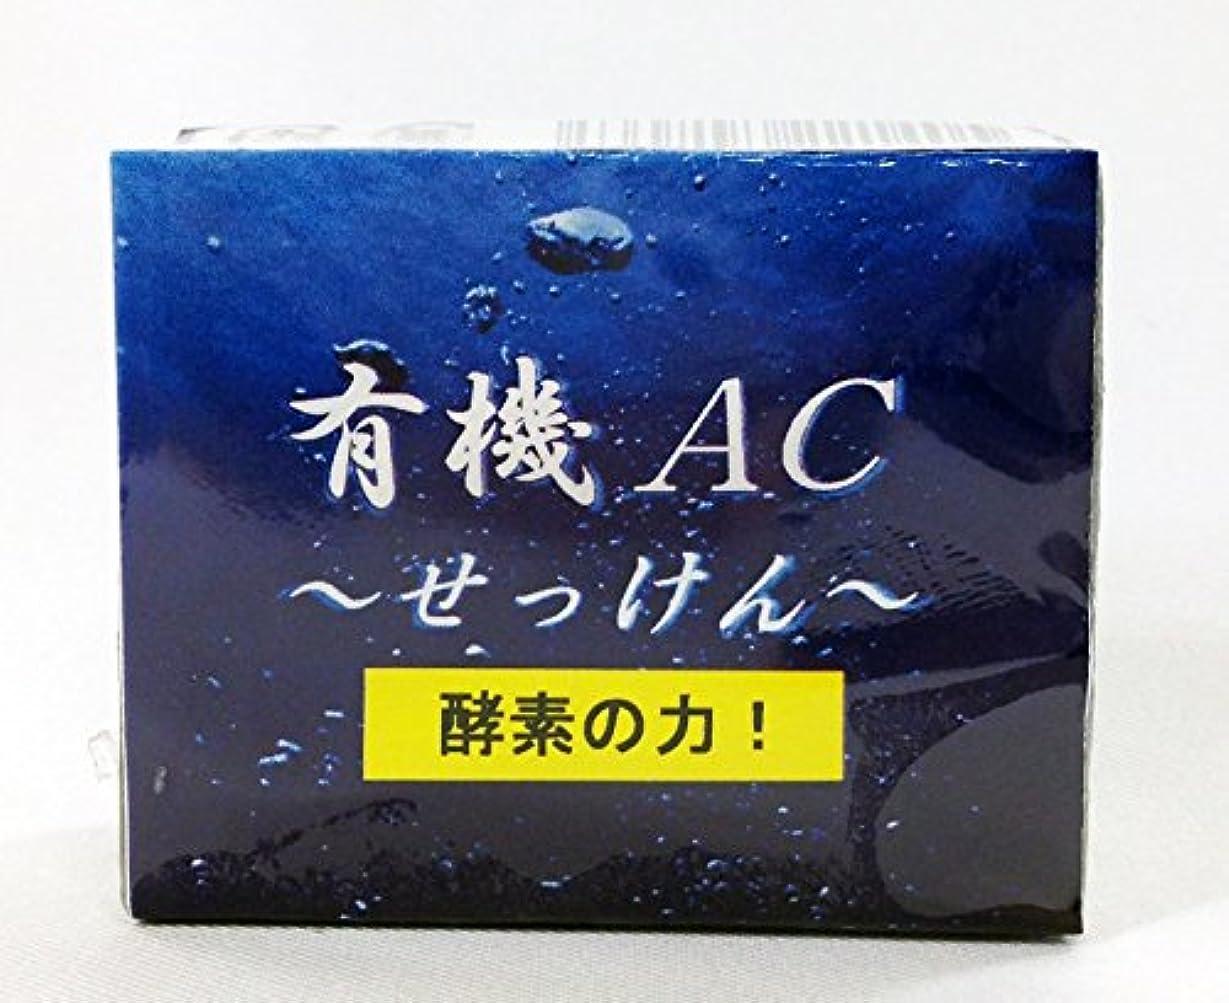 振る変換する呼吸有機ACせっけん 70g×3個 沖縄EEN オリーブ?パーム?ココナッツオイル配合 しっとり生石けん